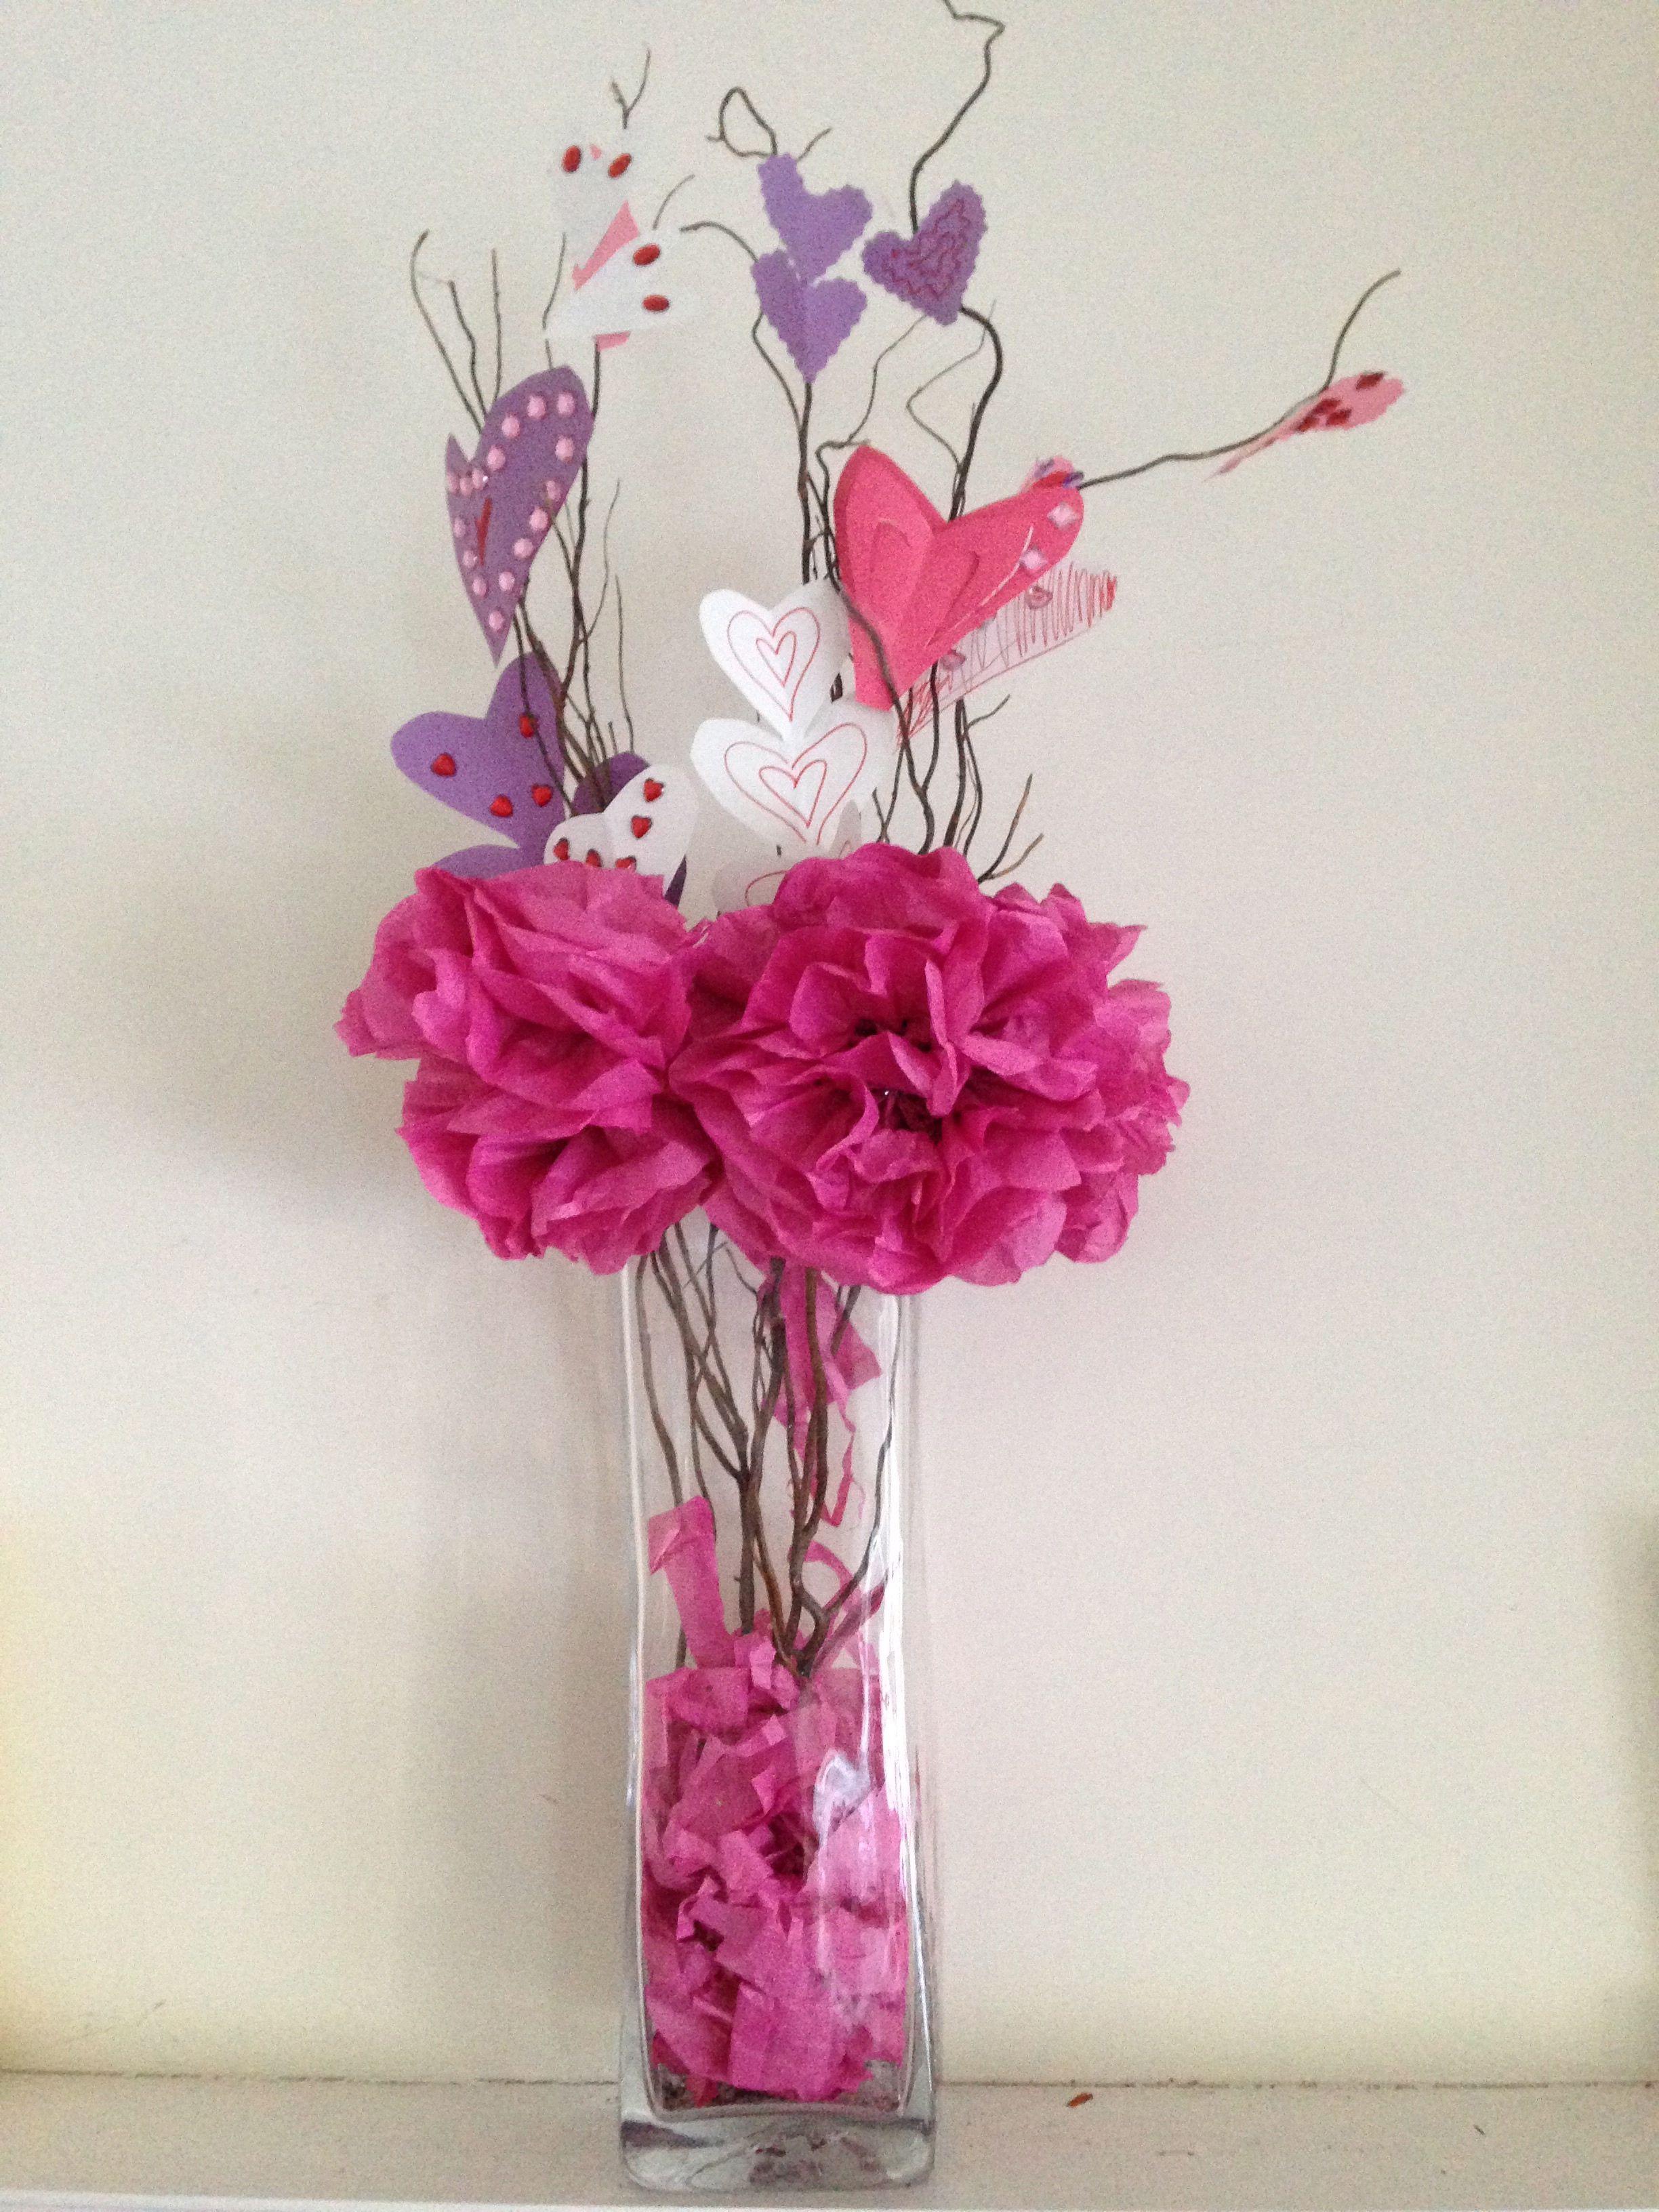 plastic bag vase of 41 plastic flower vases the weekly world with paper flower vase vatozozdevelopment